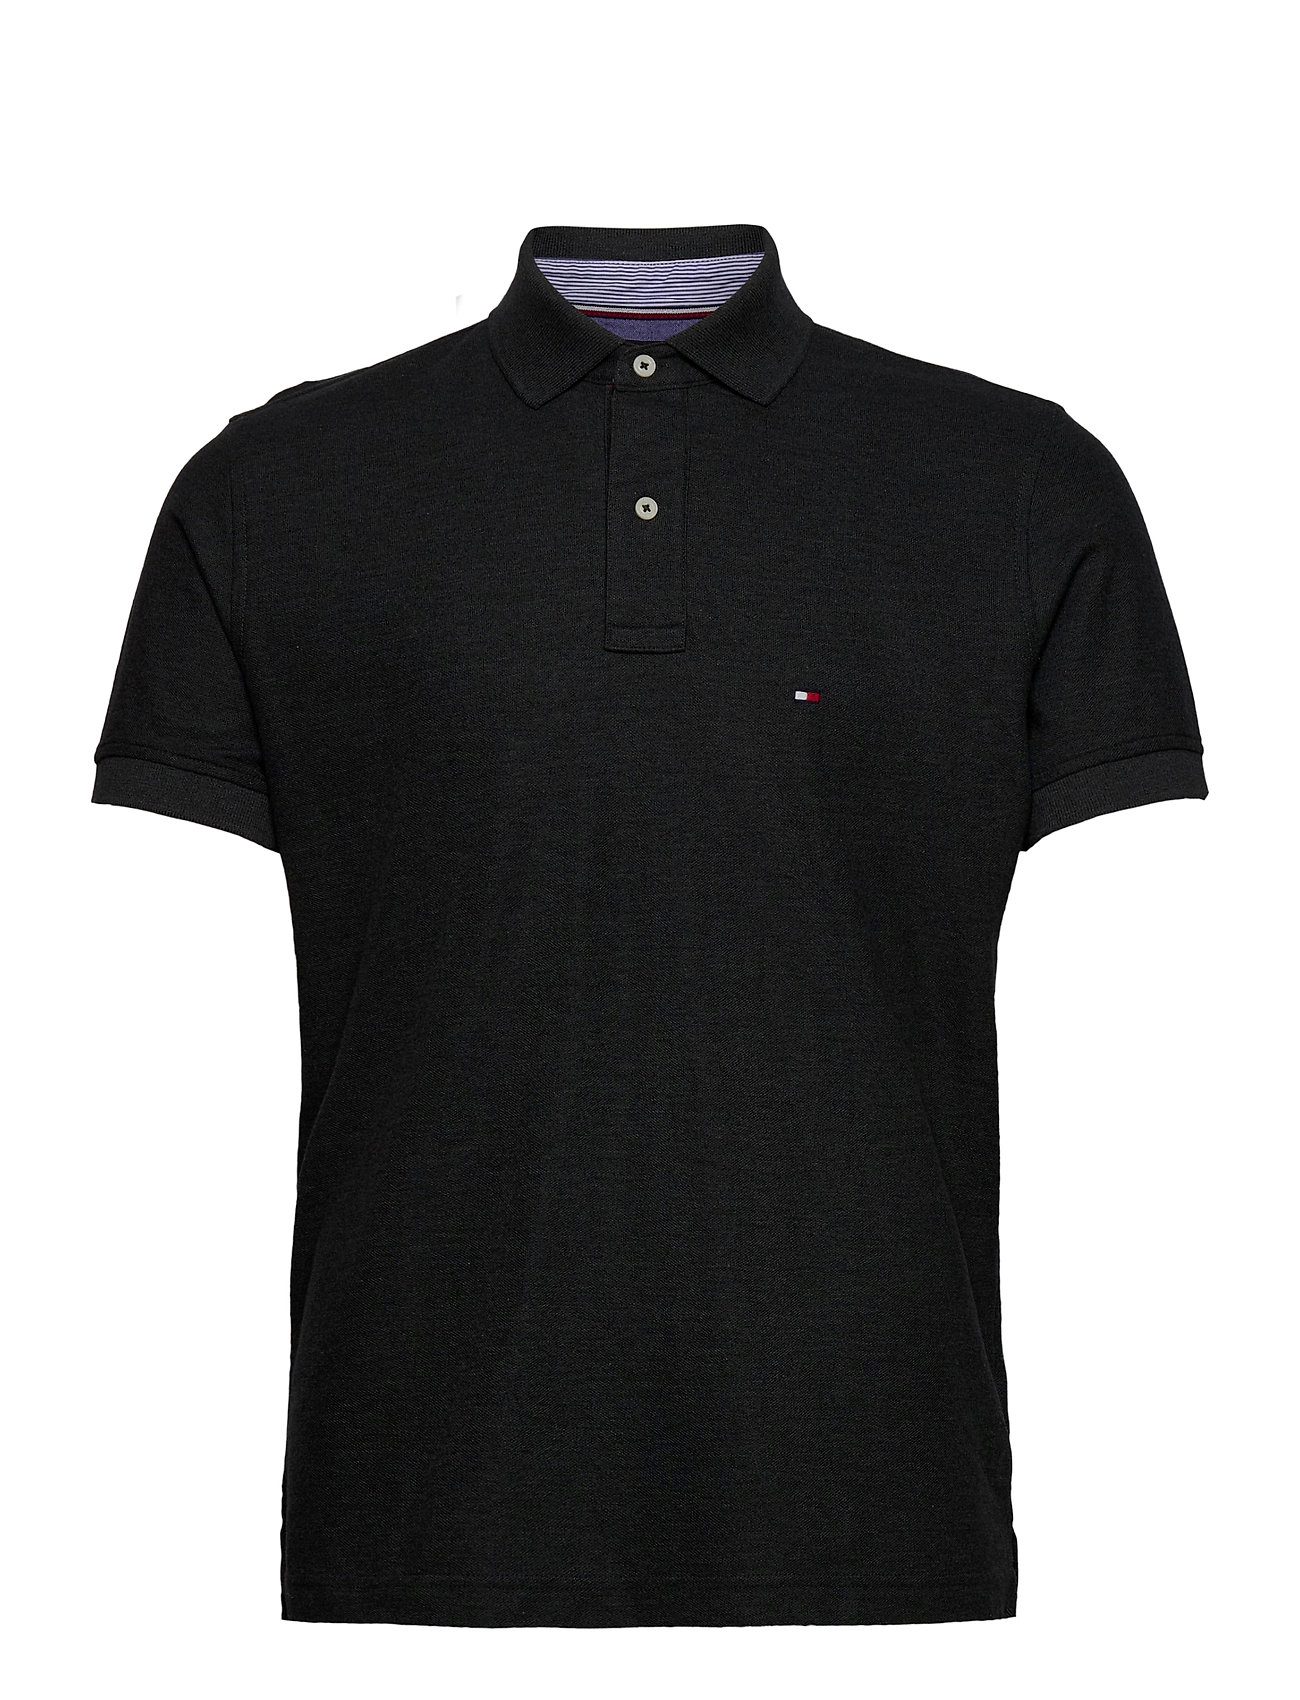 Image of Hilfiger Regular Pol Polos Short-sleeved Sort Tommy Hilfiger (3439043777)